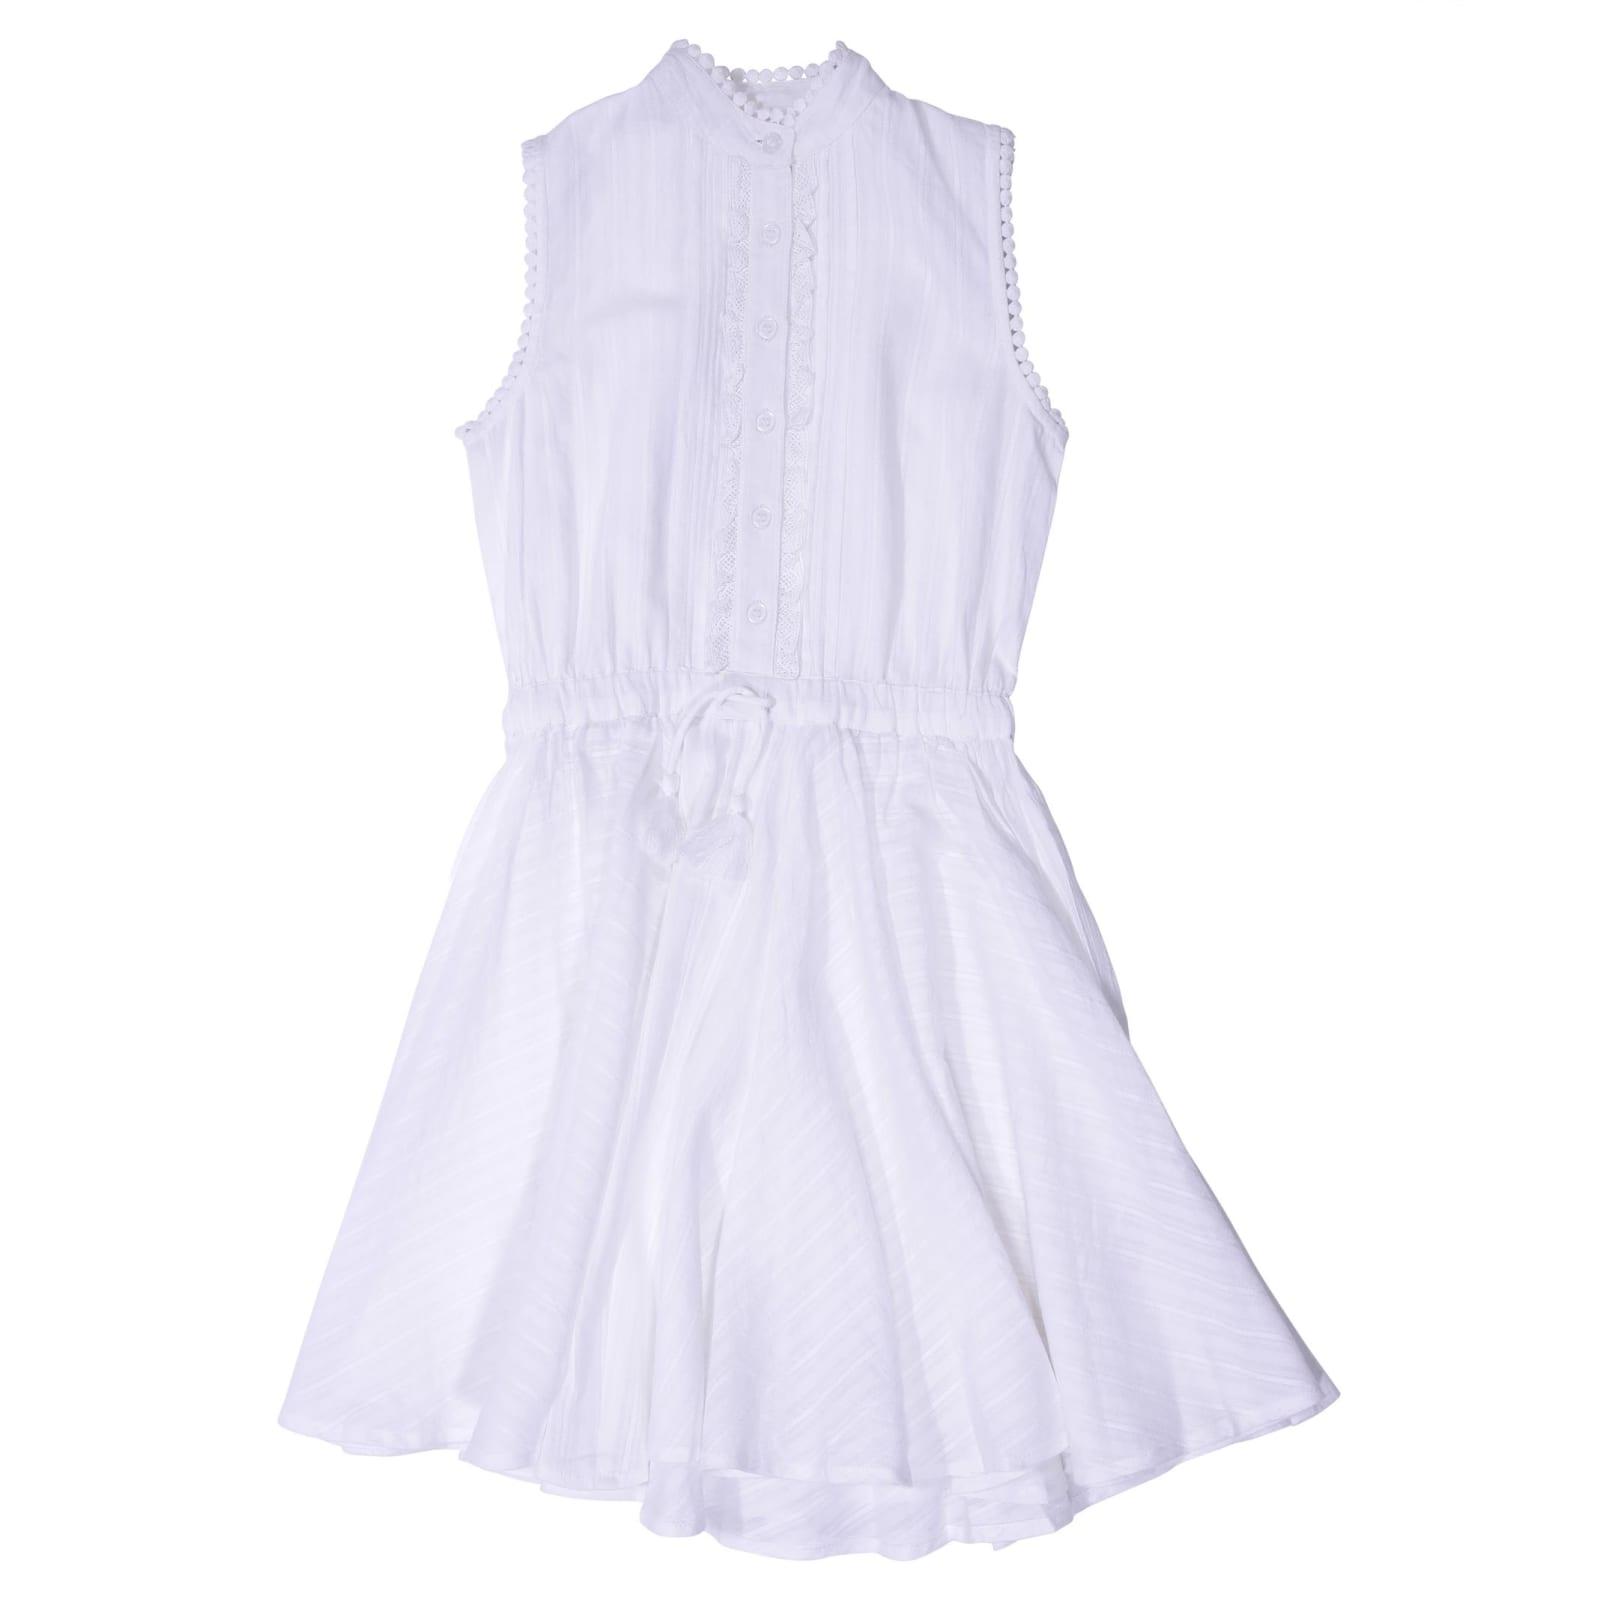 Zadig & Voltaire White Cotton Crepe Dress